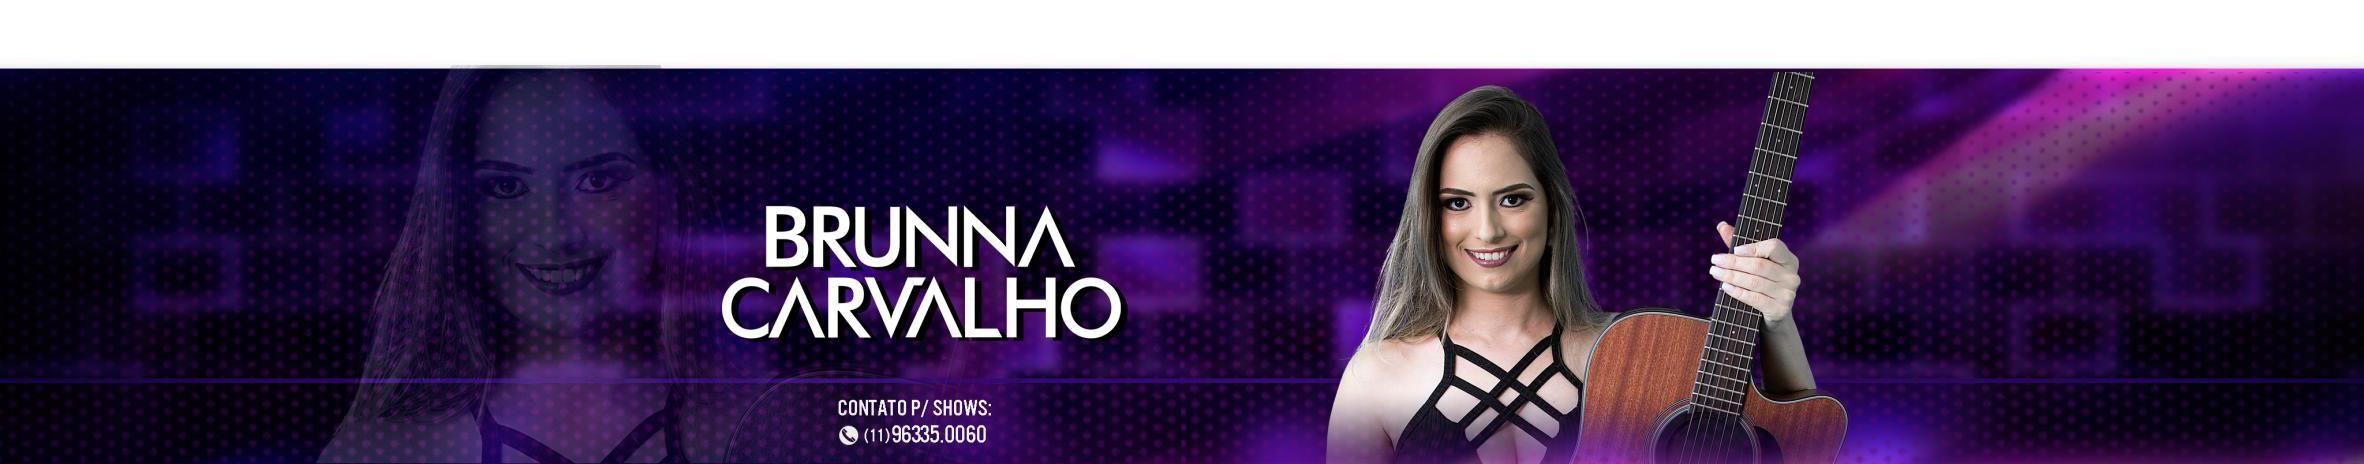 Imagem de capa de Brunna Carvalho